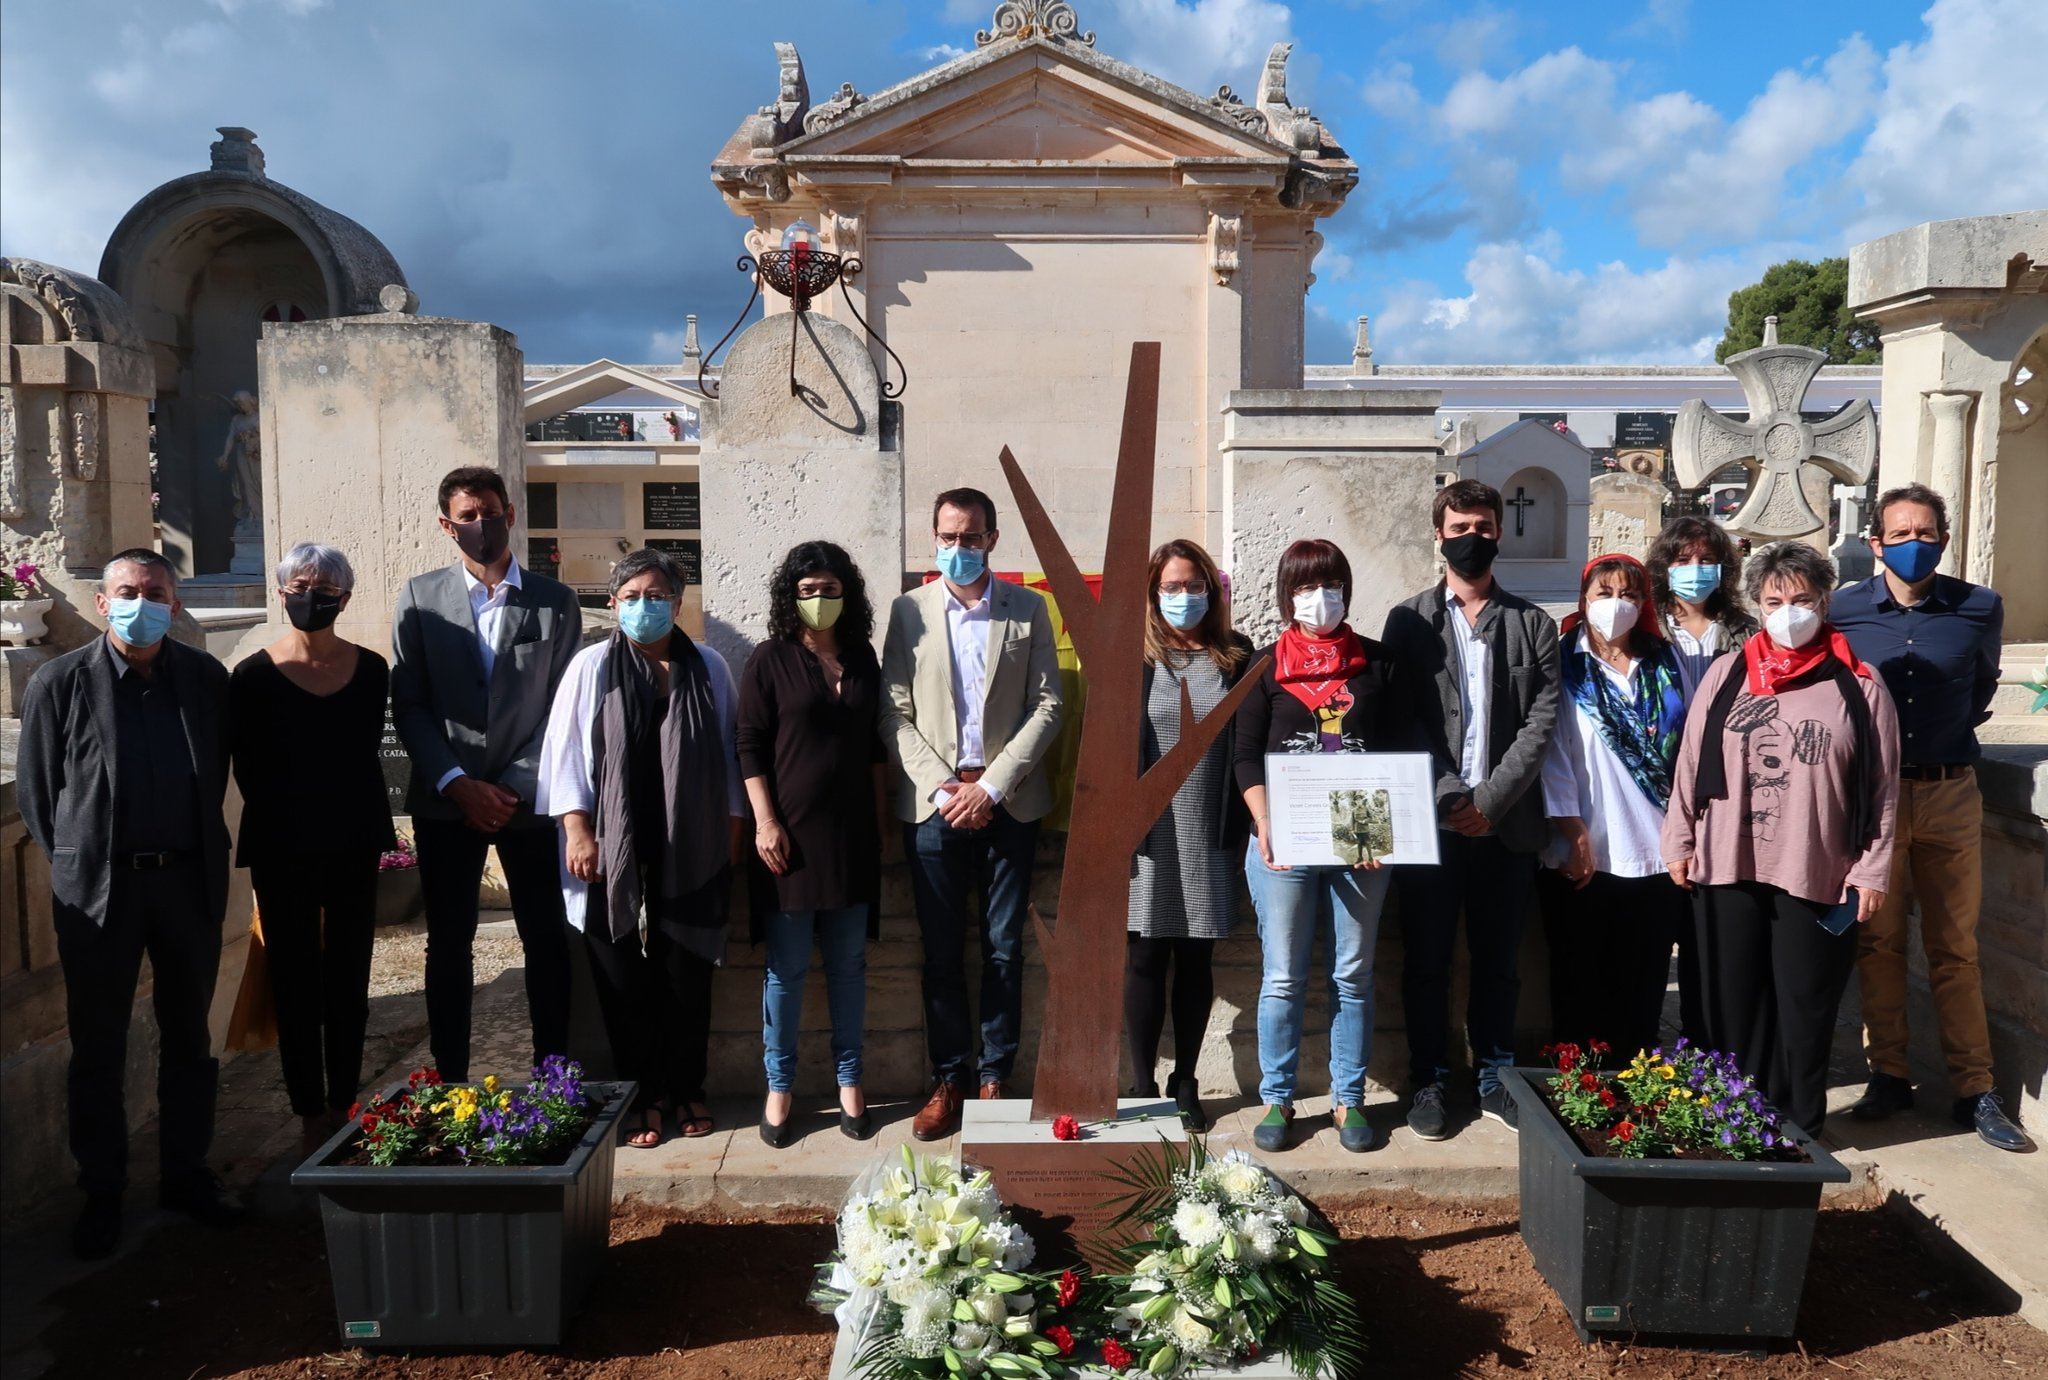 S'inaugura un «arbre de la memòria» al cementiri de Maó en record a quatre víctimes de la repressió franquista